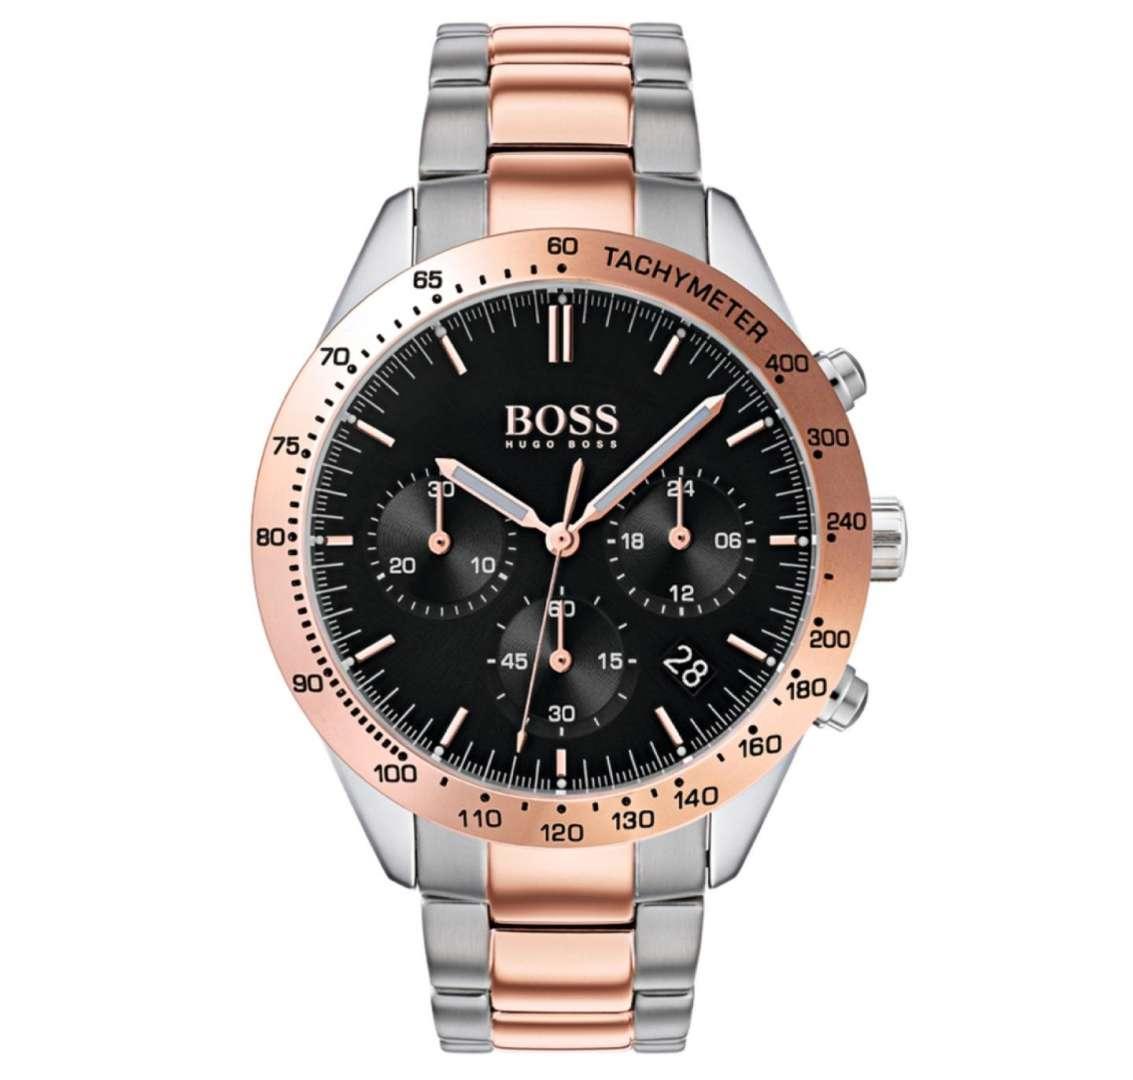 שעון יד אנלוגי לגבר hugo boss 1513584 הוגו בוס